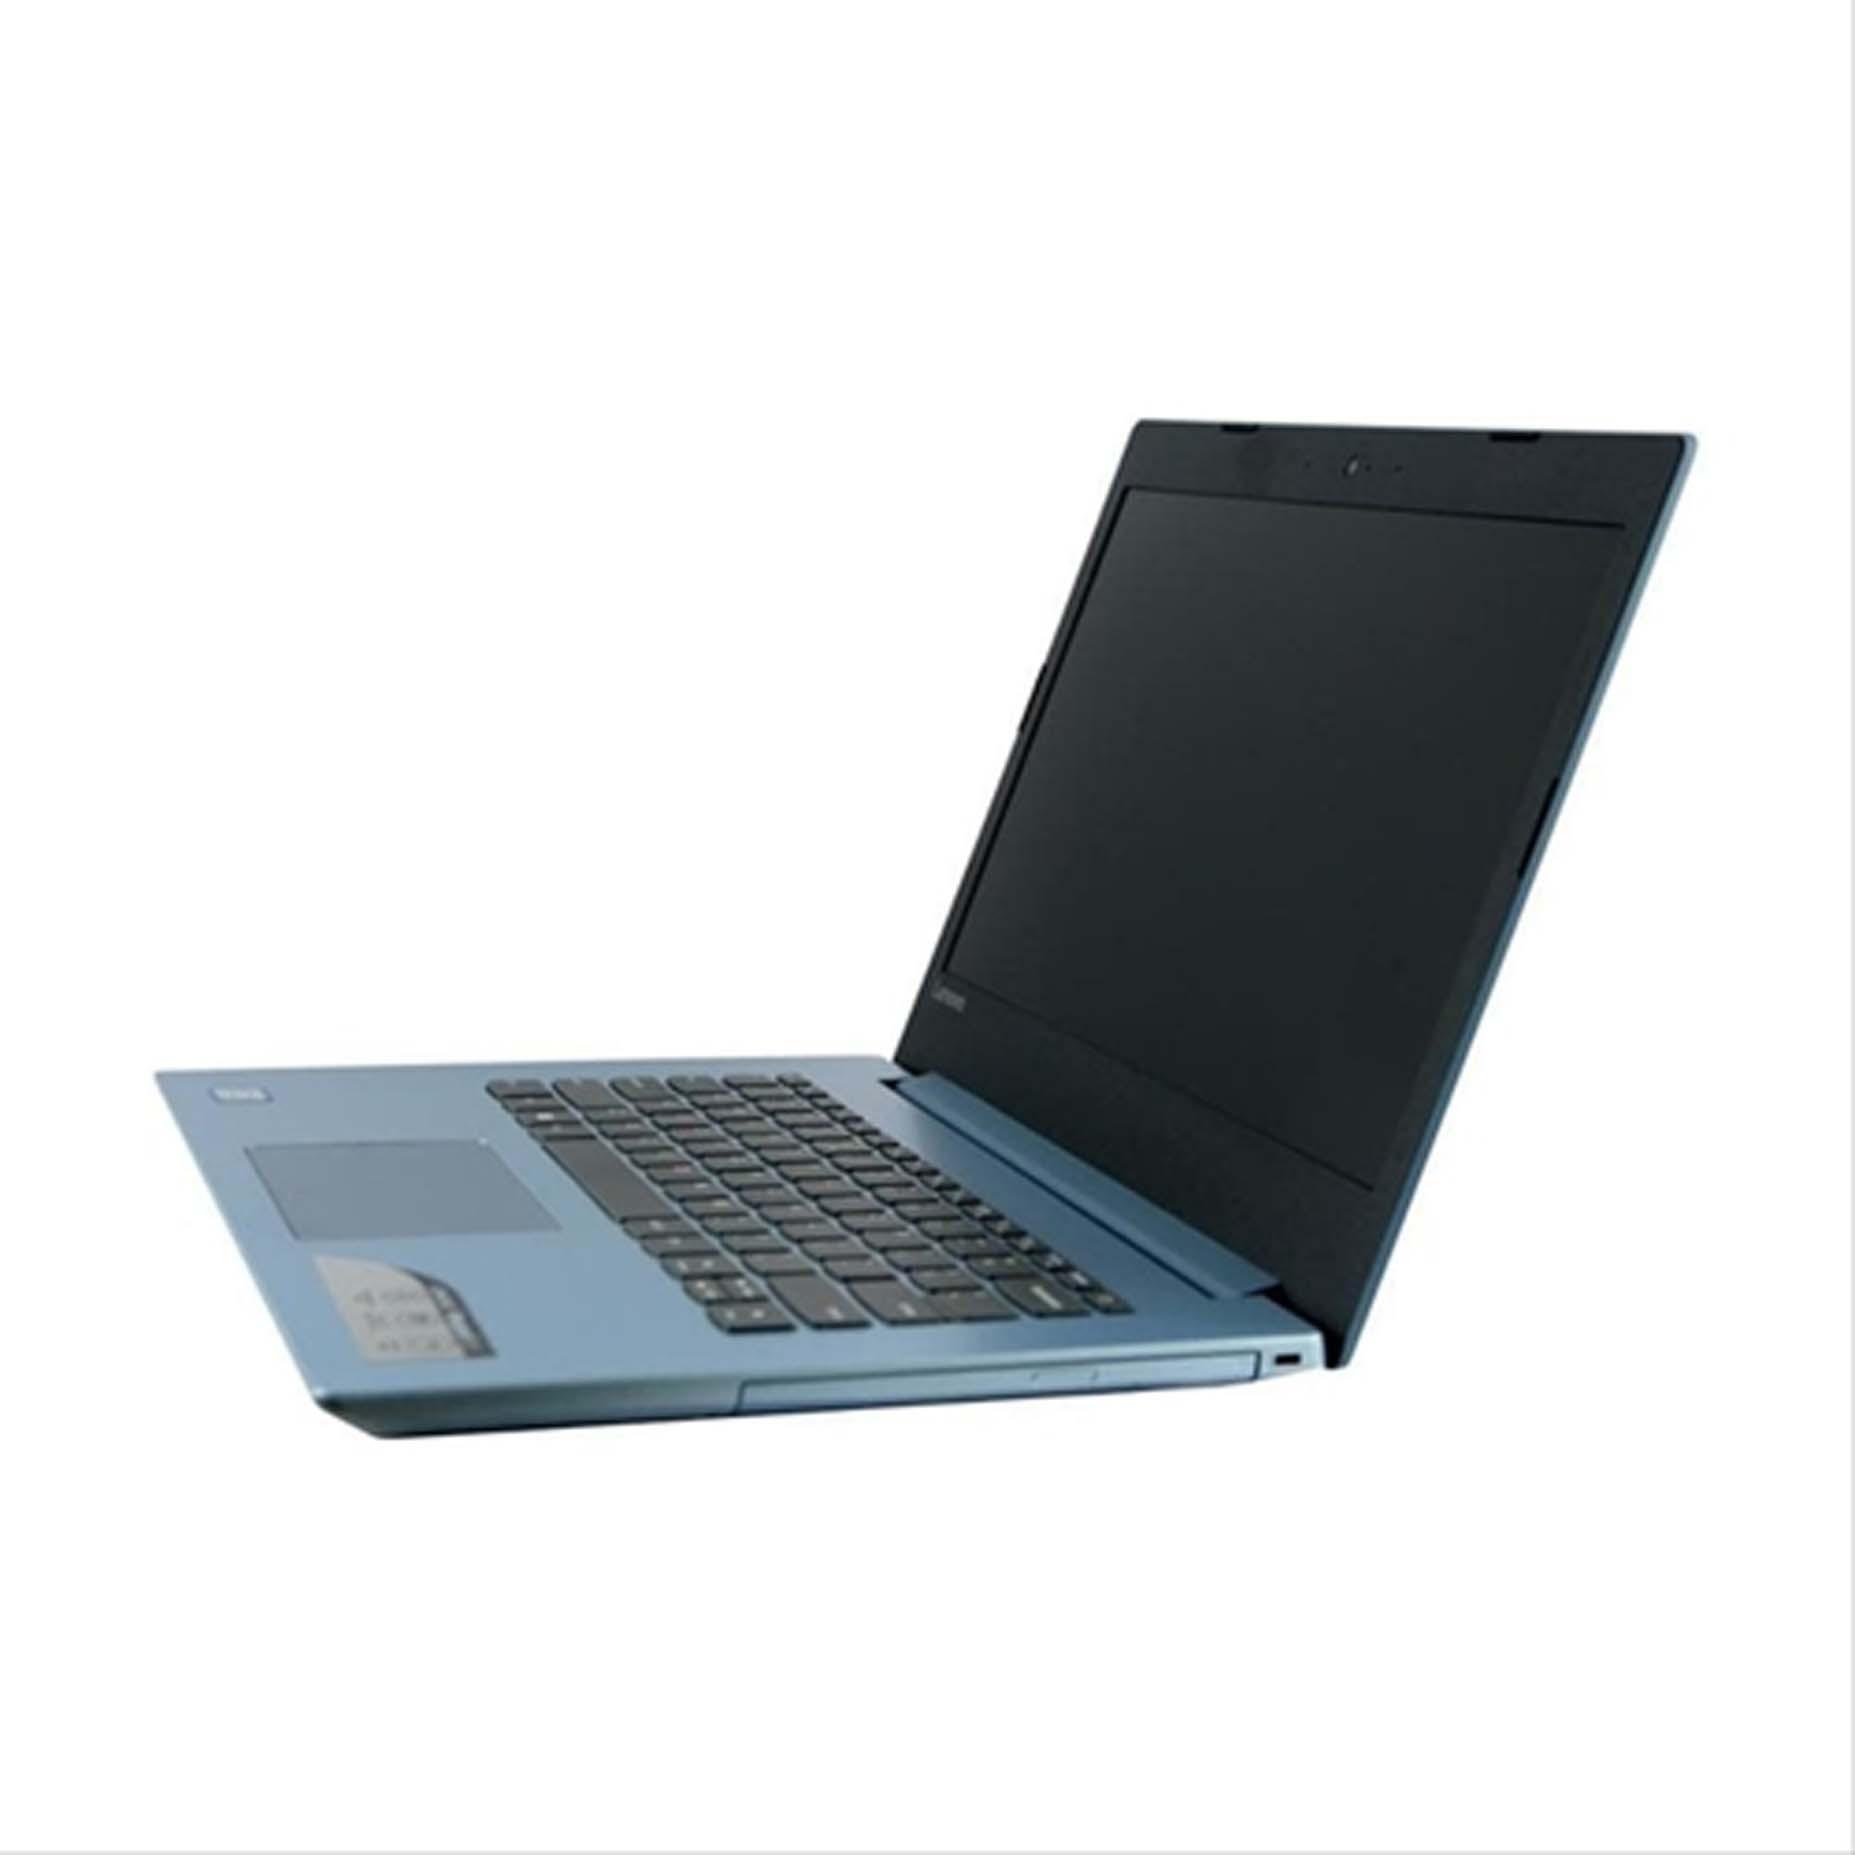 Harga Lenovo Ideapad IP320-14AST 4HID Laptop AMD A9-9420 4GB 1TB AMD Radeon R5 2GB 14 Inch Windows 10 Blue